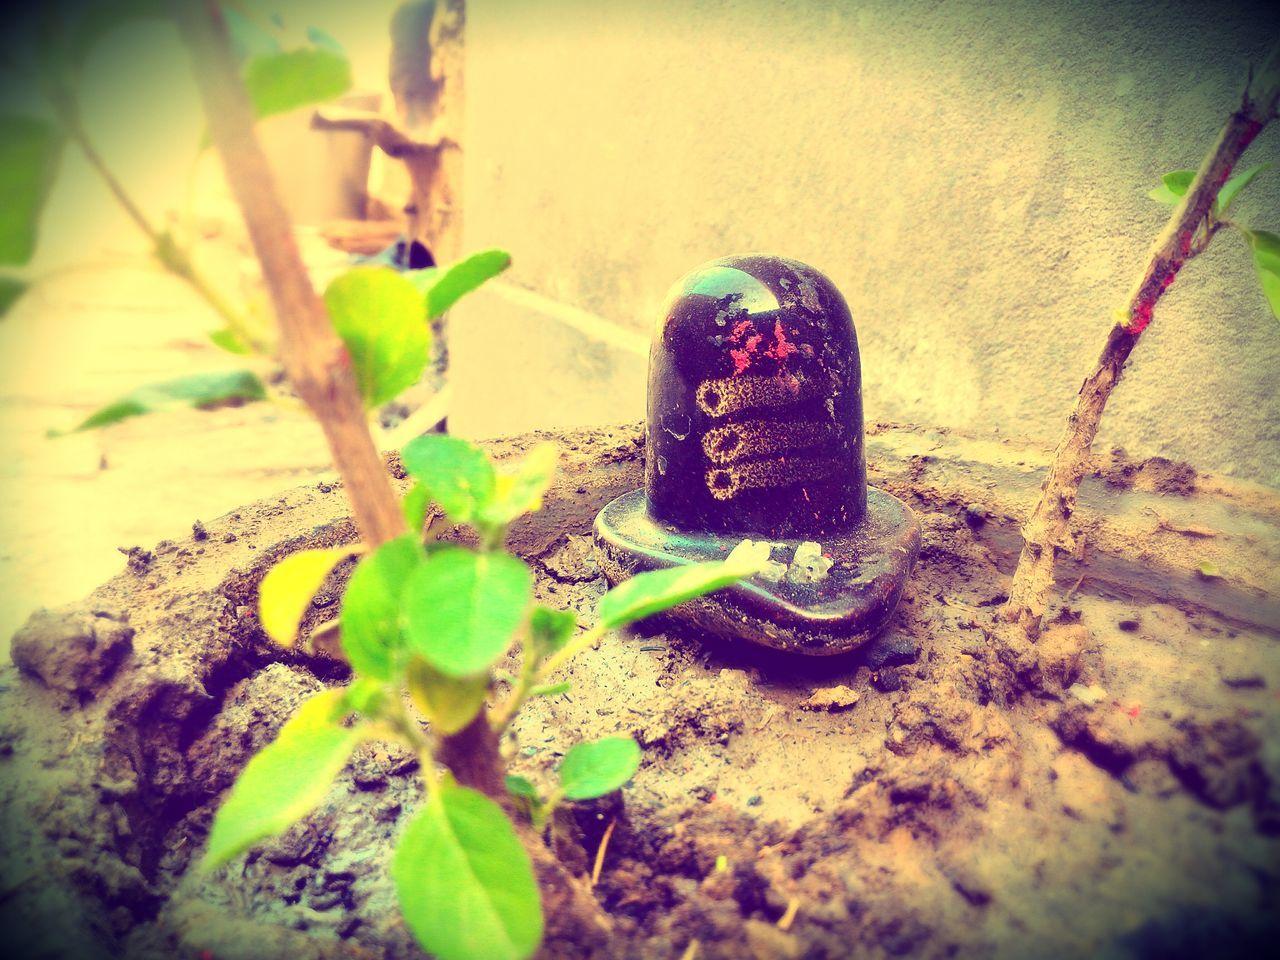 Shivling ShivLinga Lord Shiva Black Shivalinga Basil Plant Focus On Background